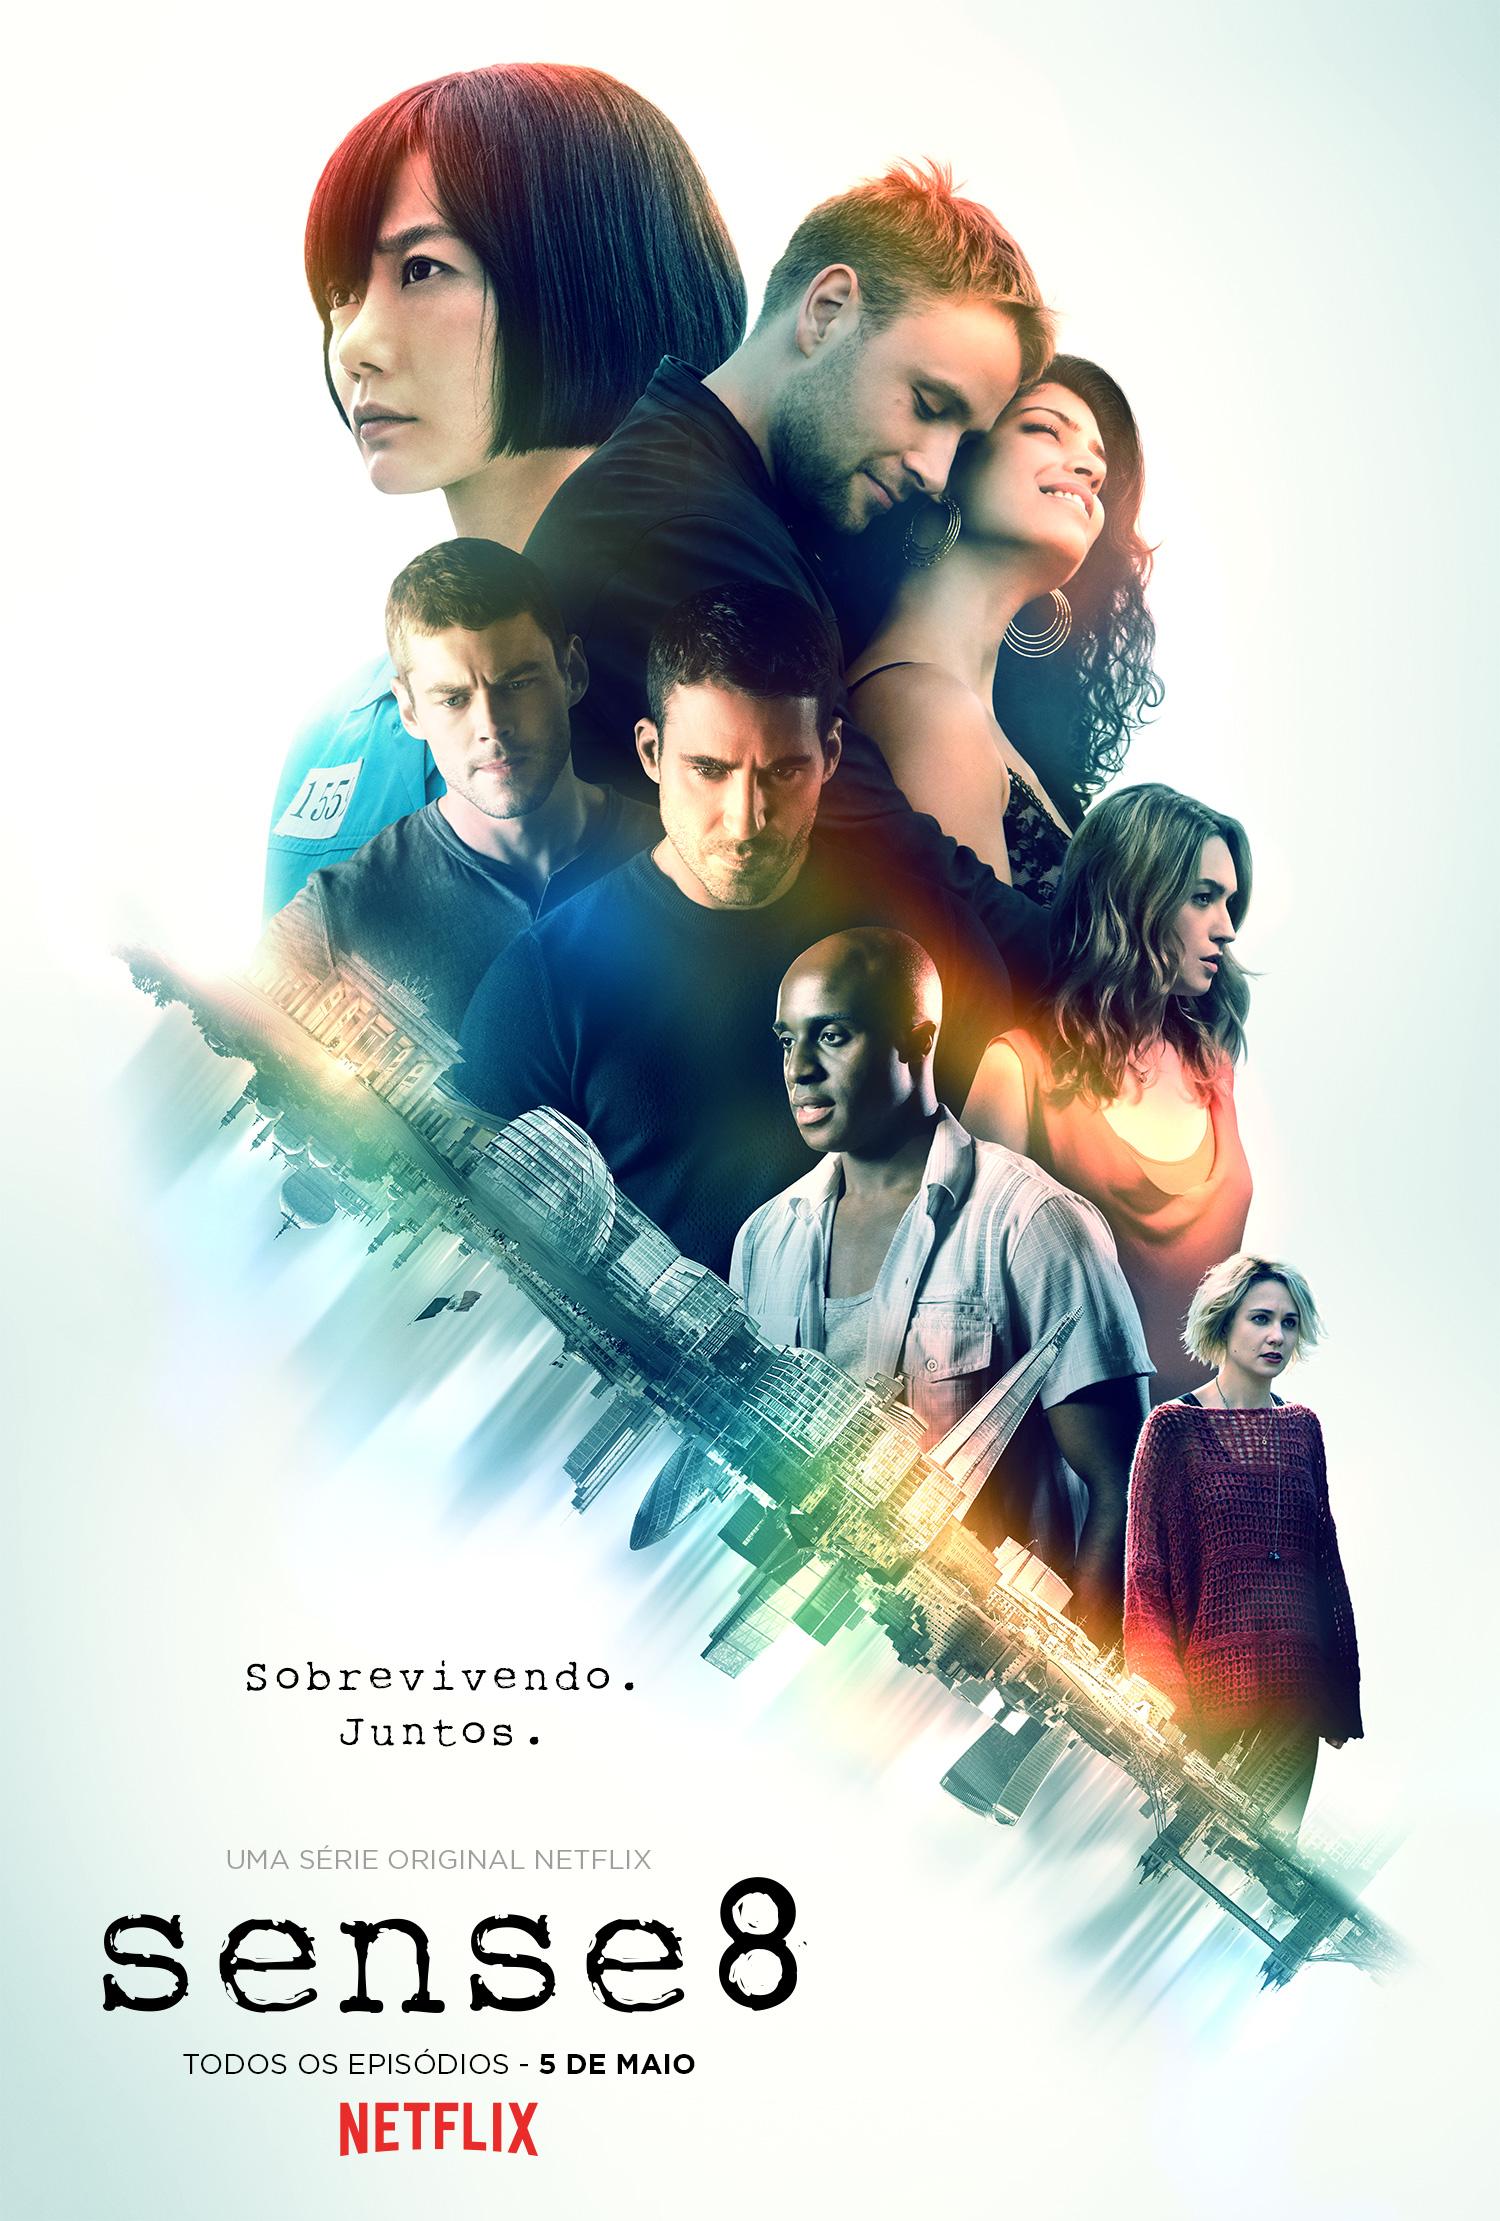 2ª temporada de Sense8 ganha trailer e pôster 1